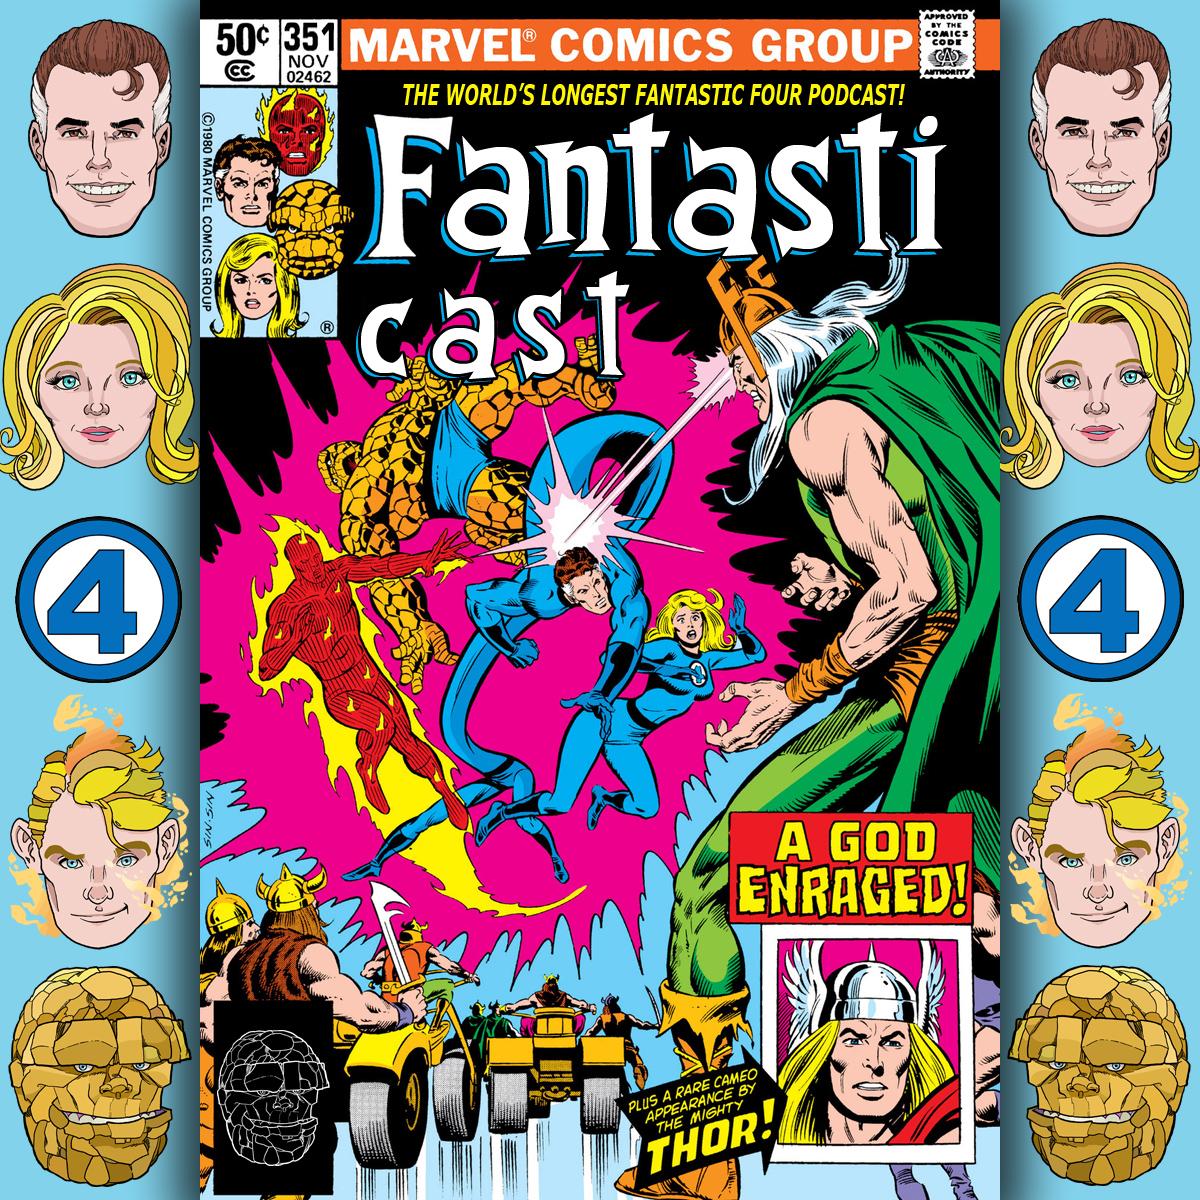 The Fantasticast Episode 351